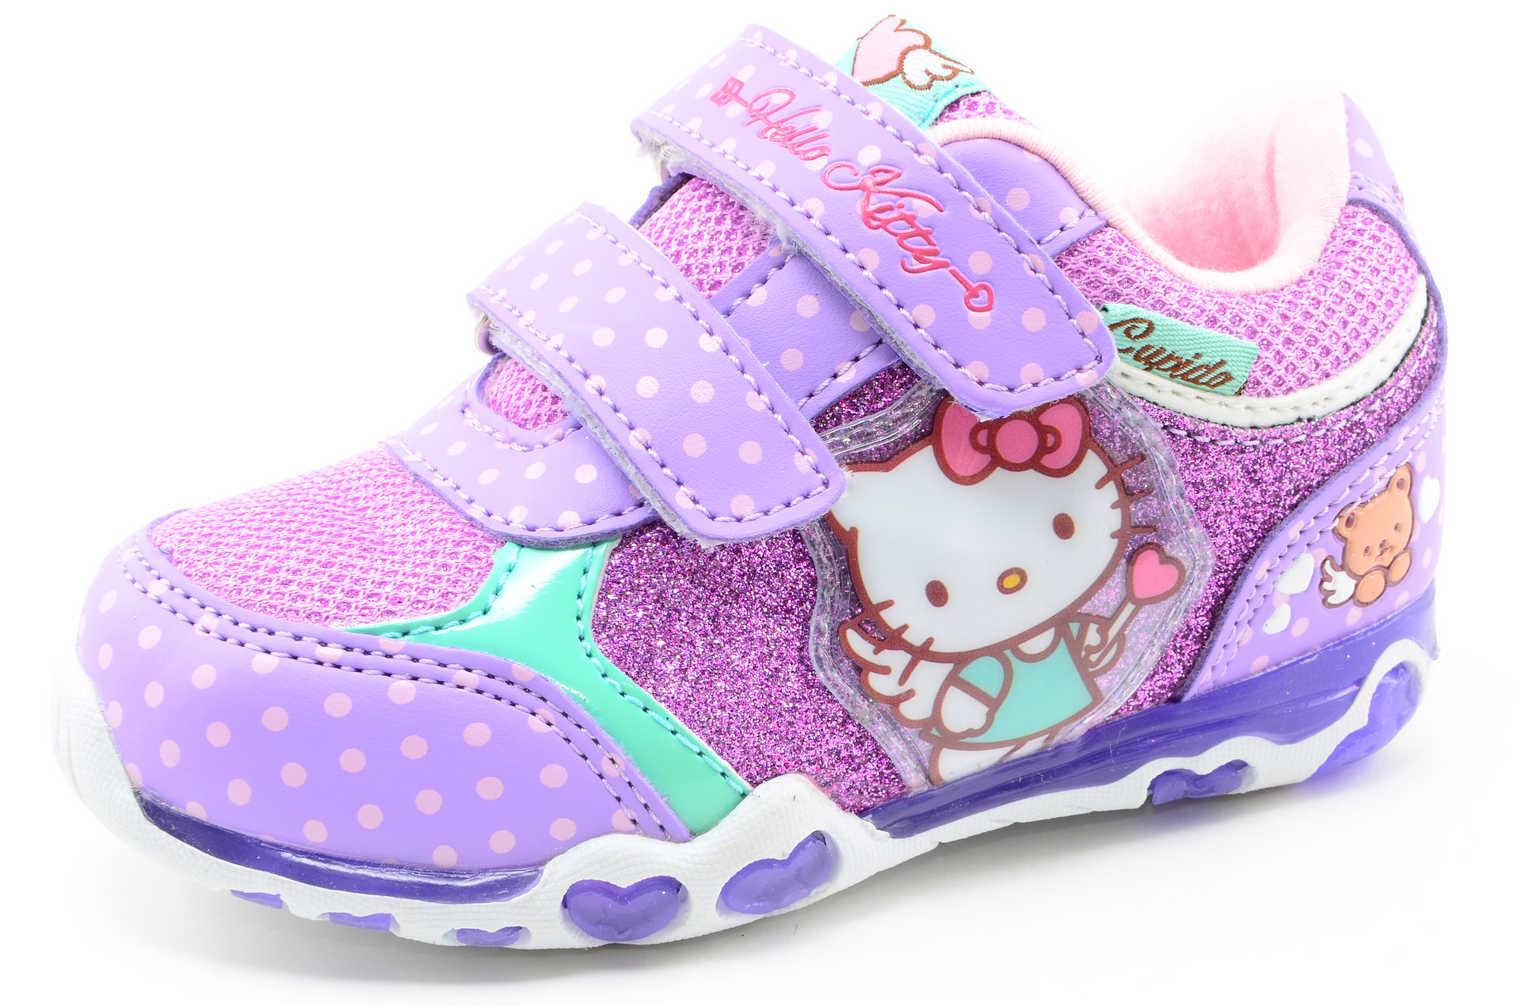 Светящиеся кроссовки для девочек Хелло Китти (Hello Kitty) на липучках, цвет сиреневый, мигает картинка сбоку